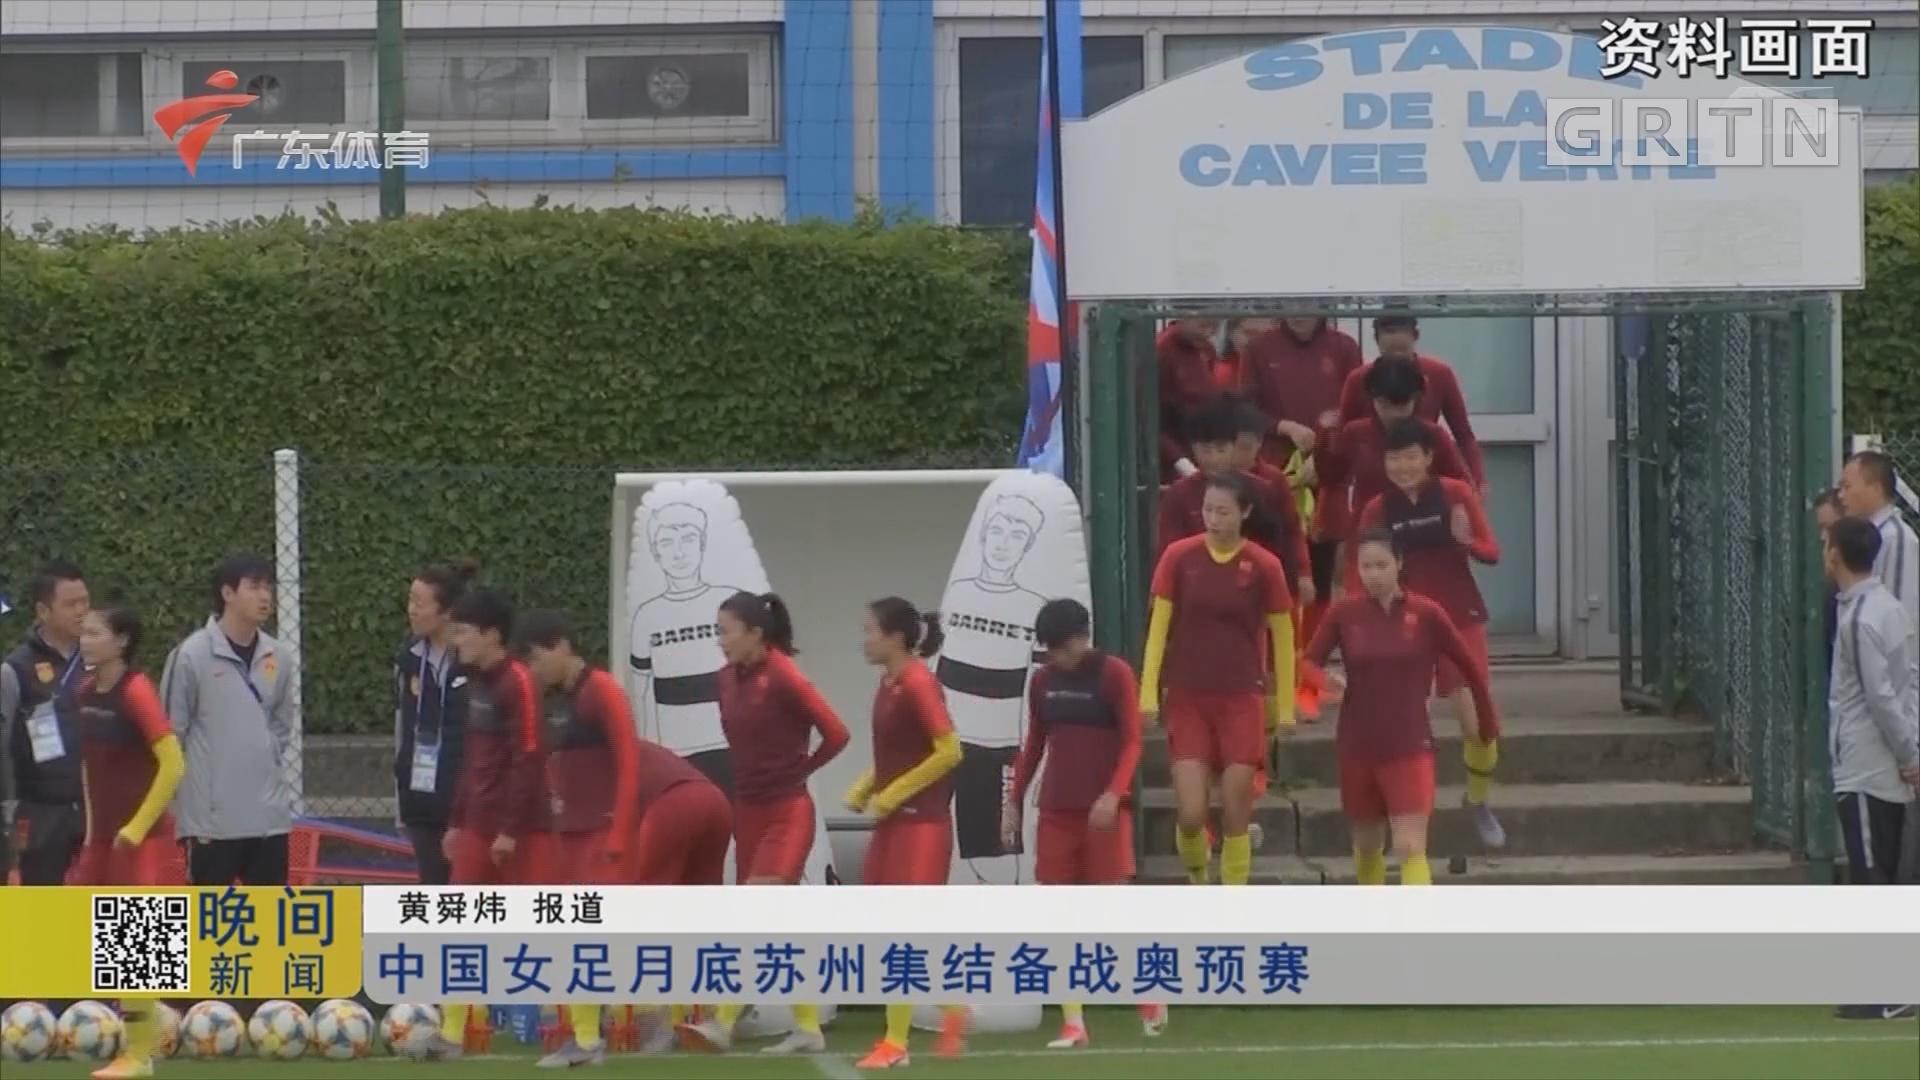 中国女足月底苏州集结备战奥预赛